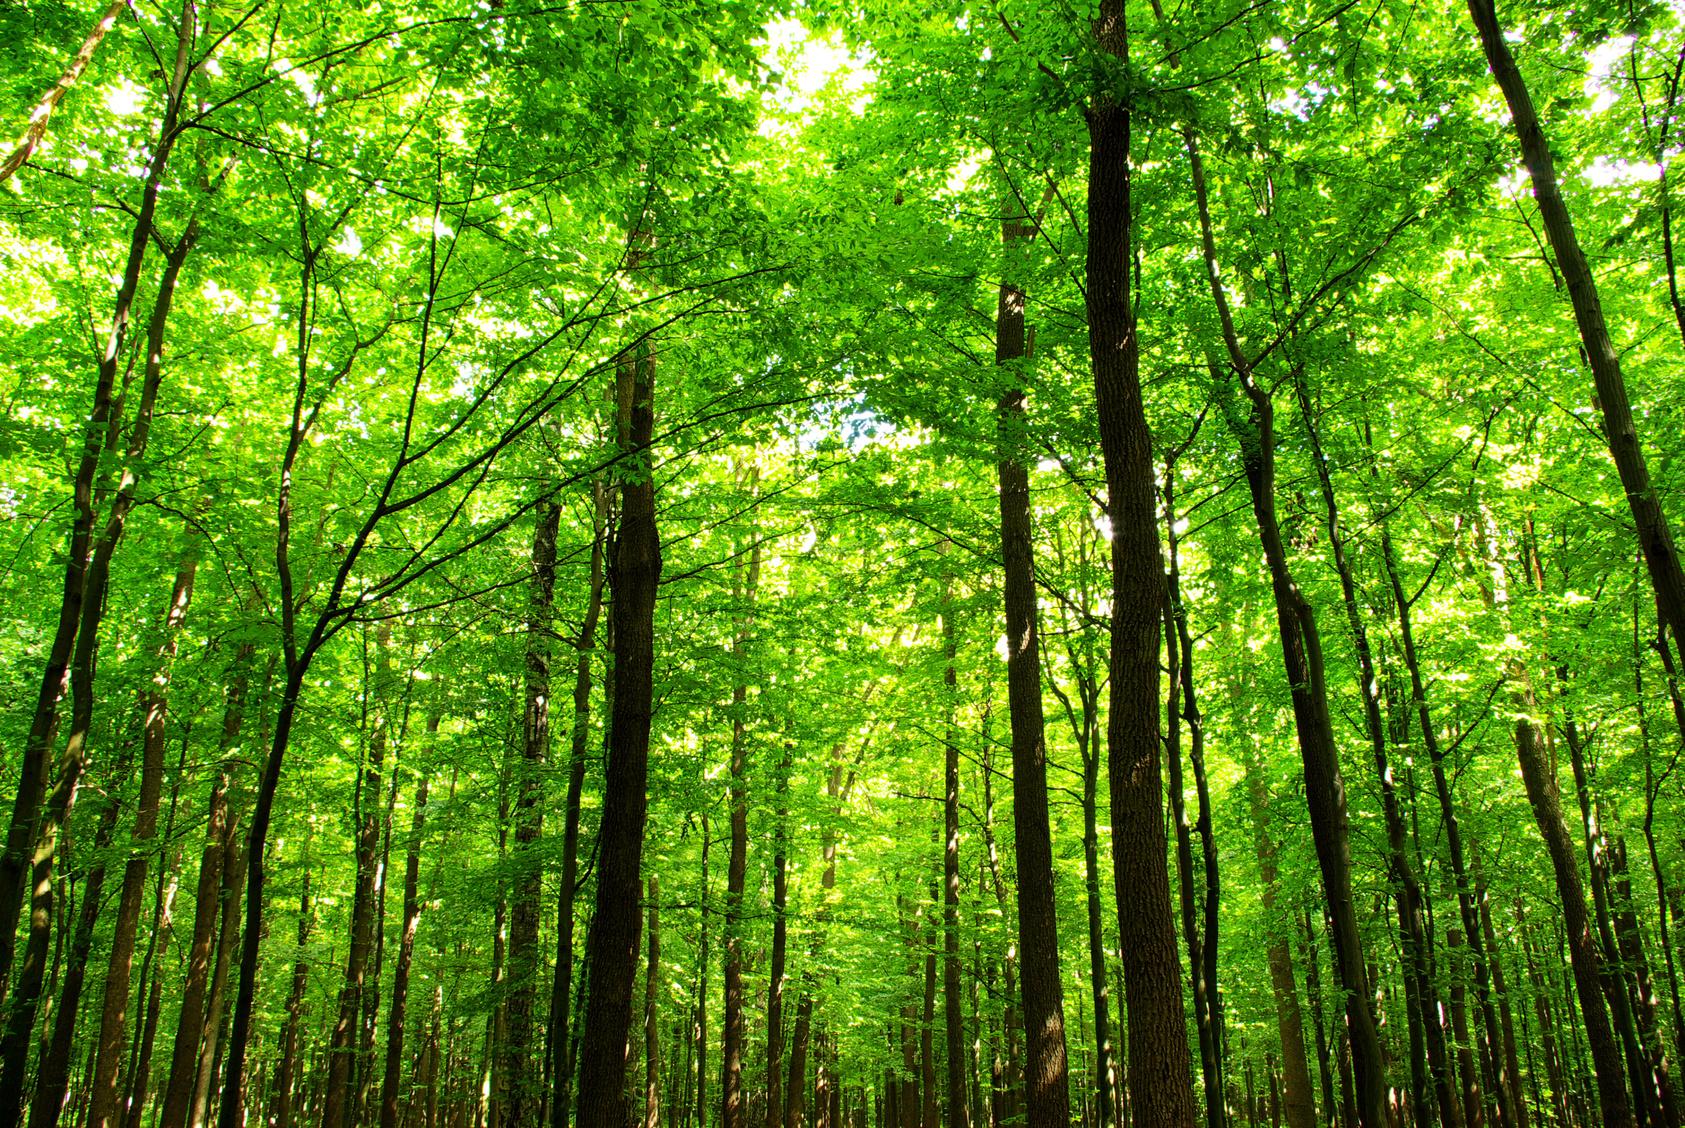 Curso Técnico em Florestas | Central Pronatec